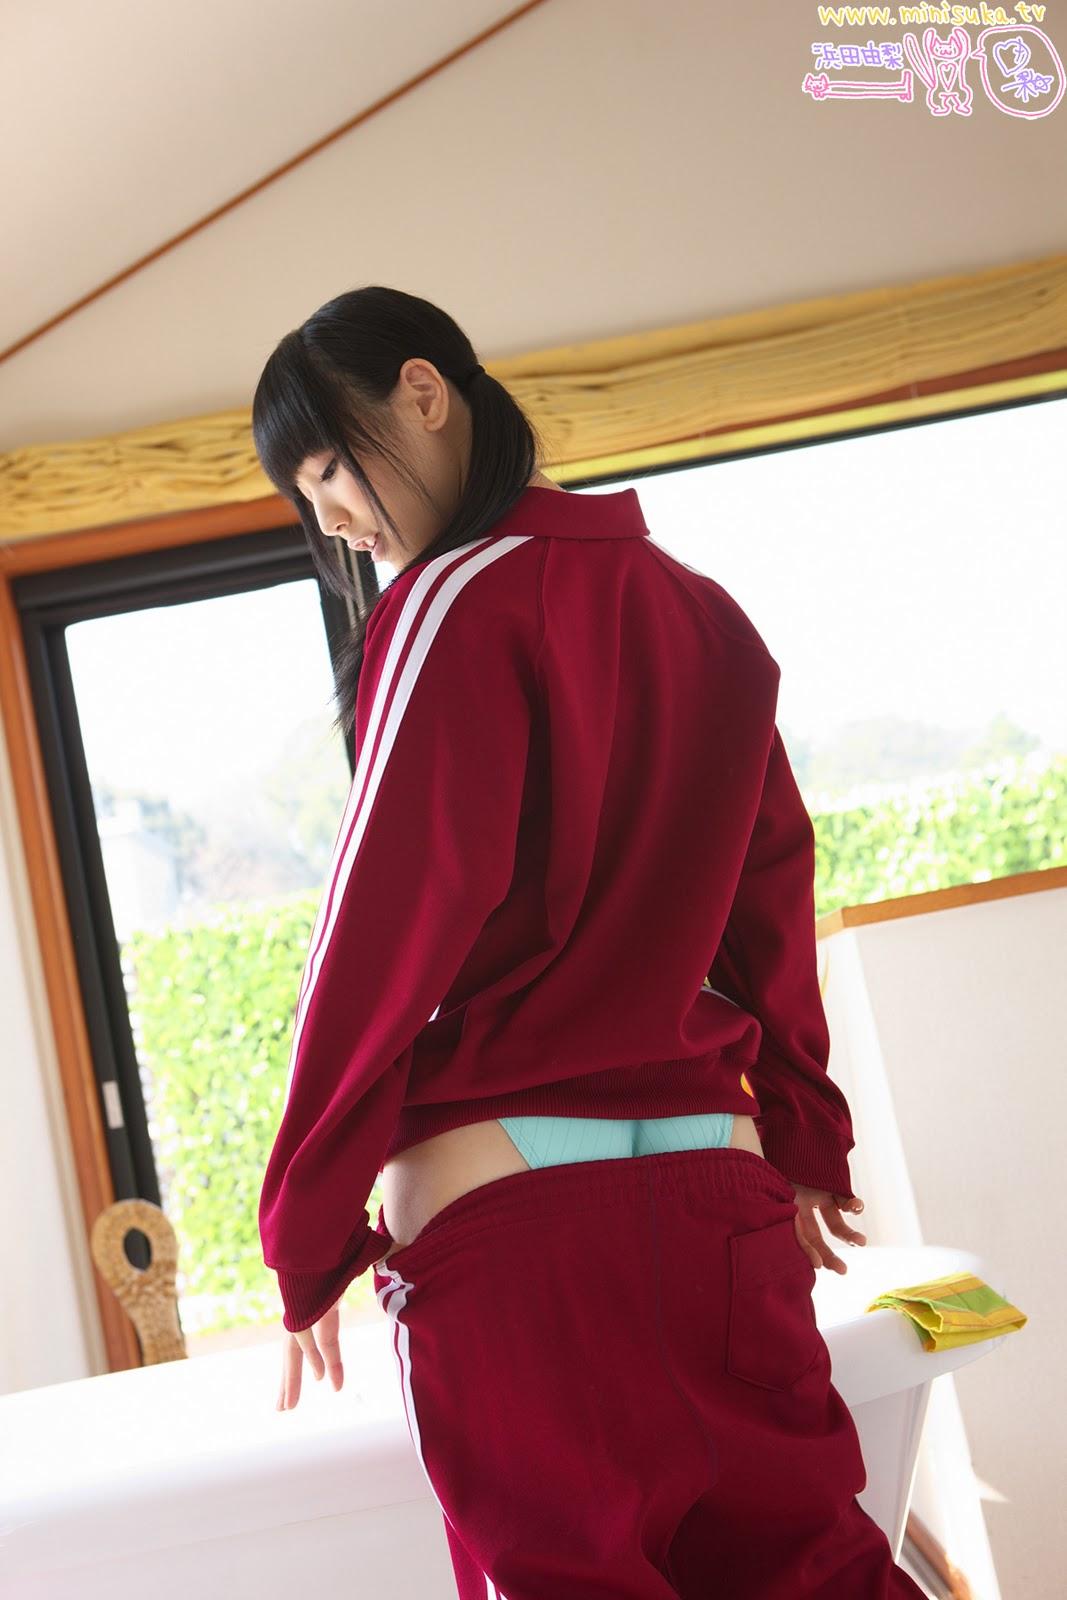 Hamada Yuri Panties